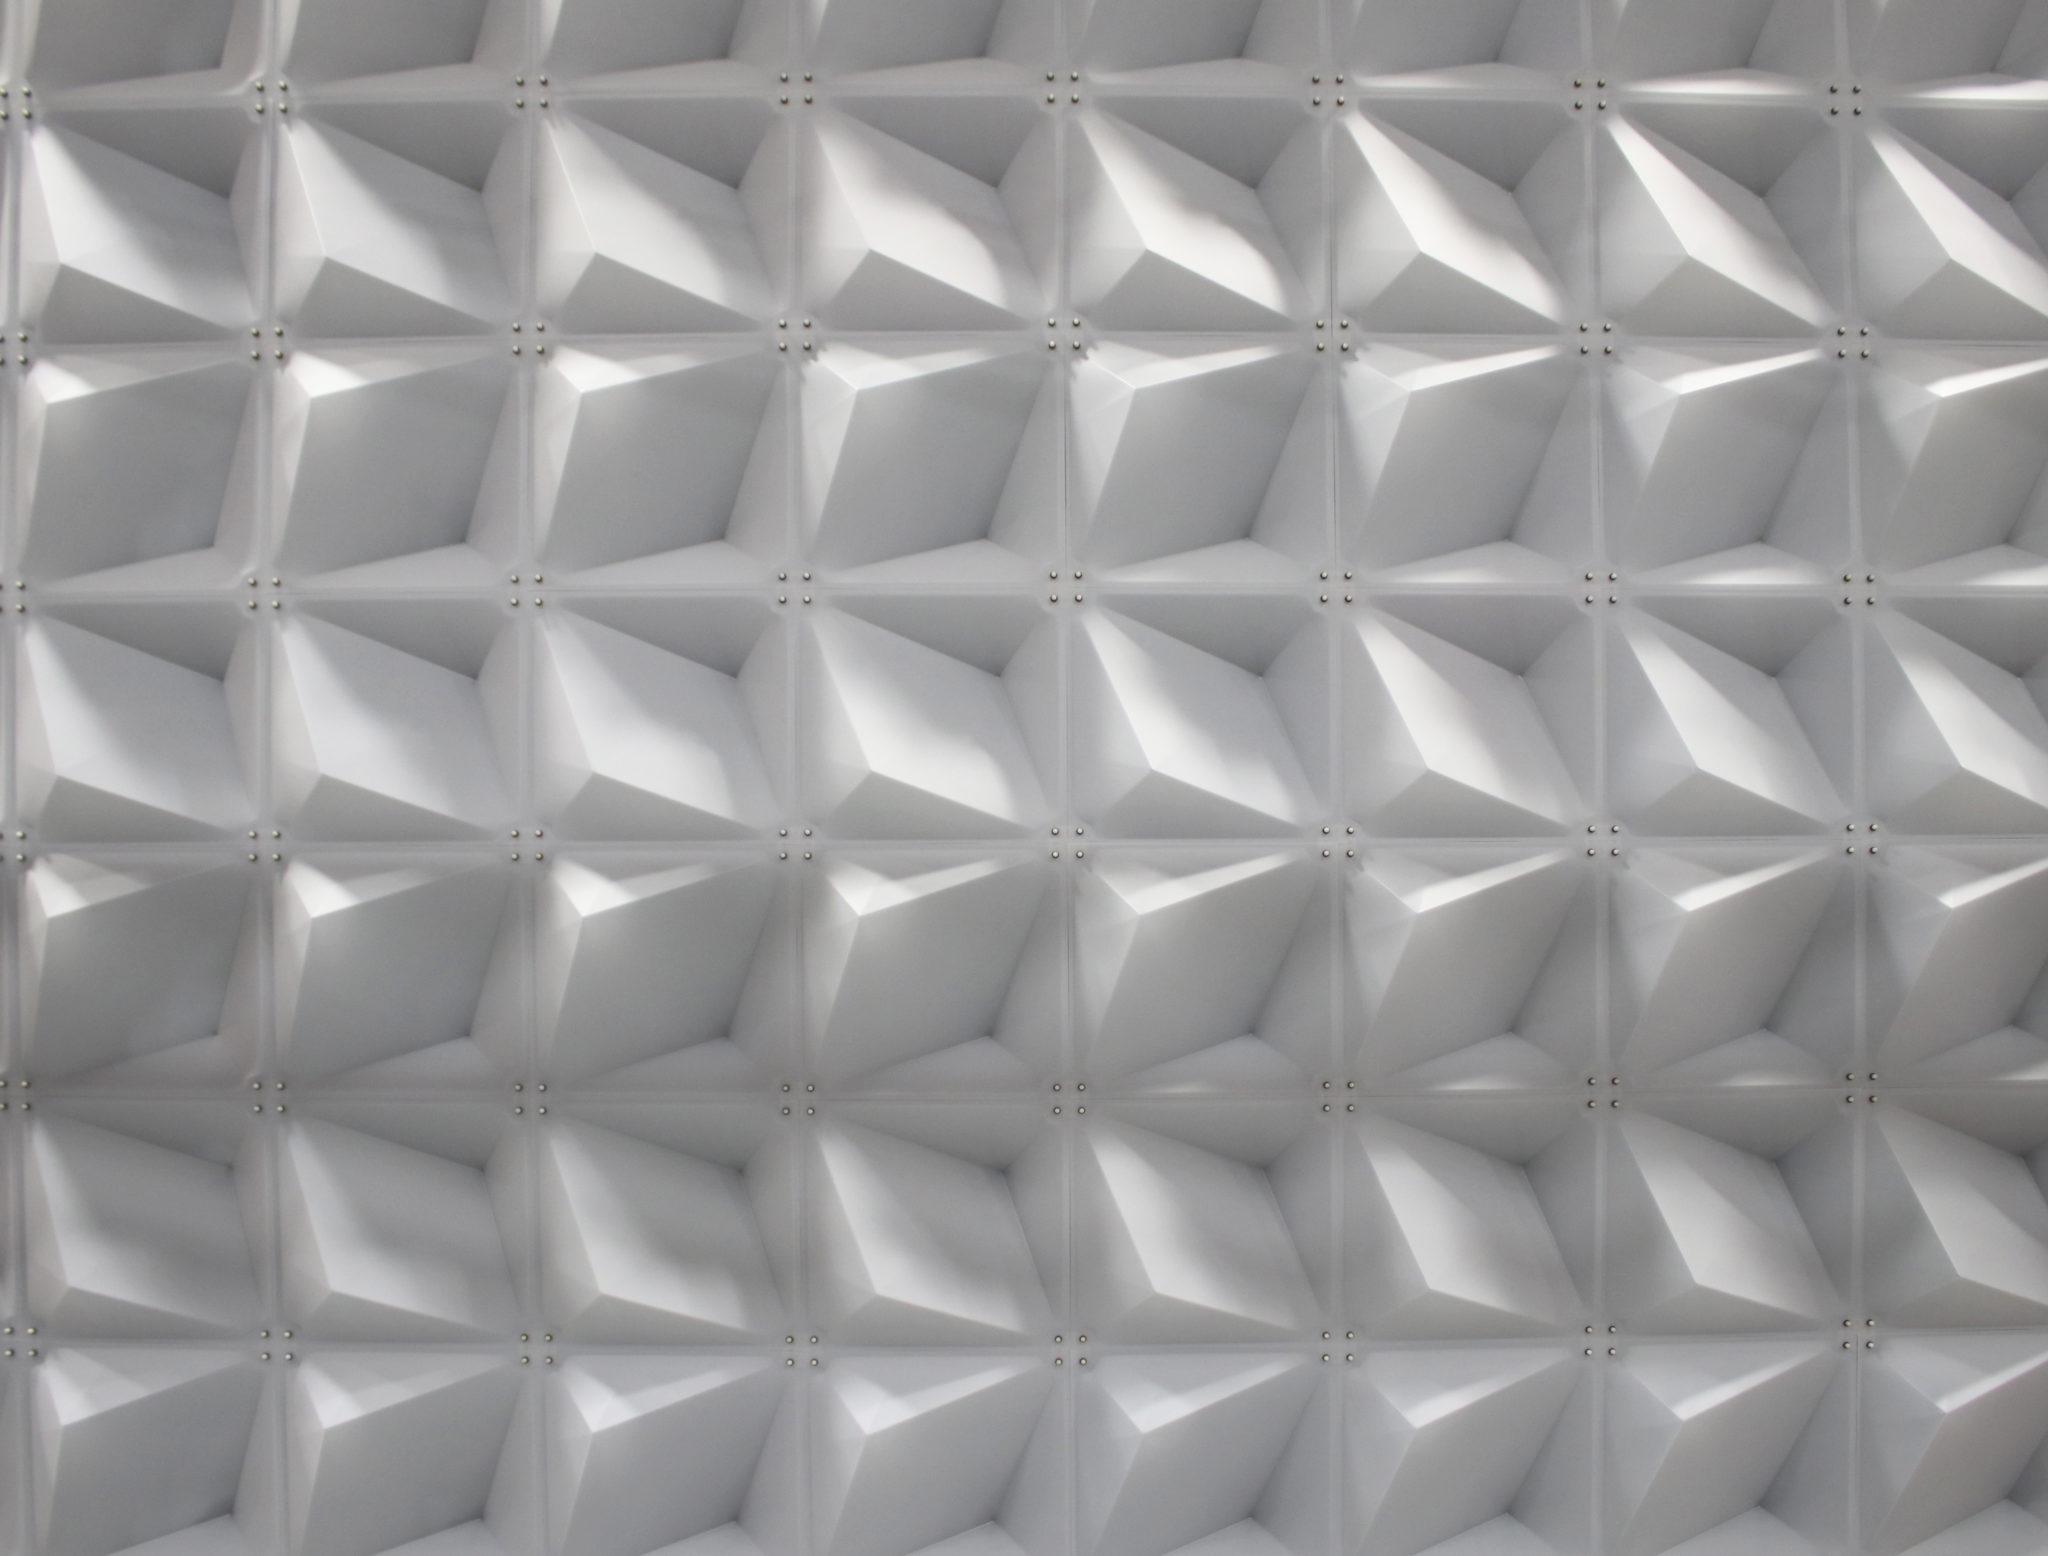 Frosted Zeddit panels in natural light